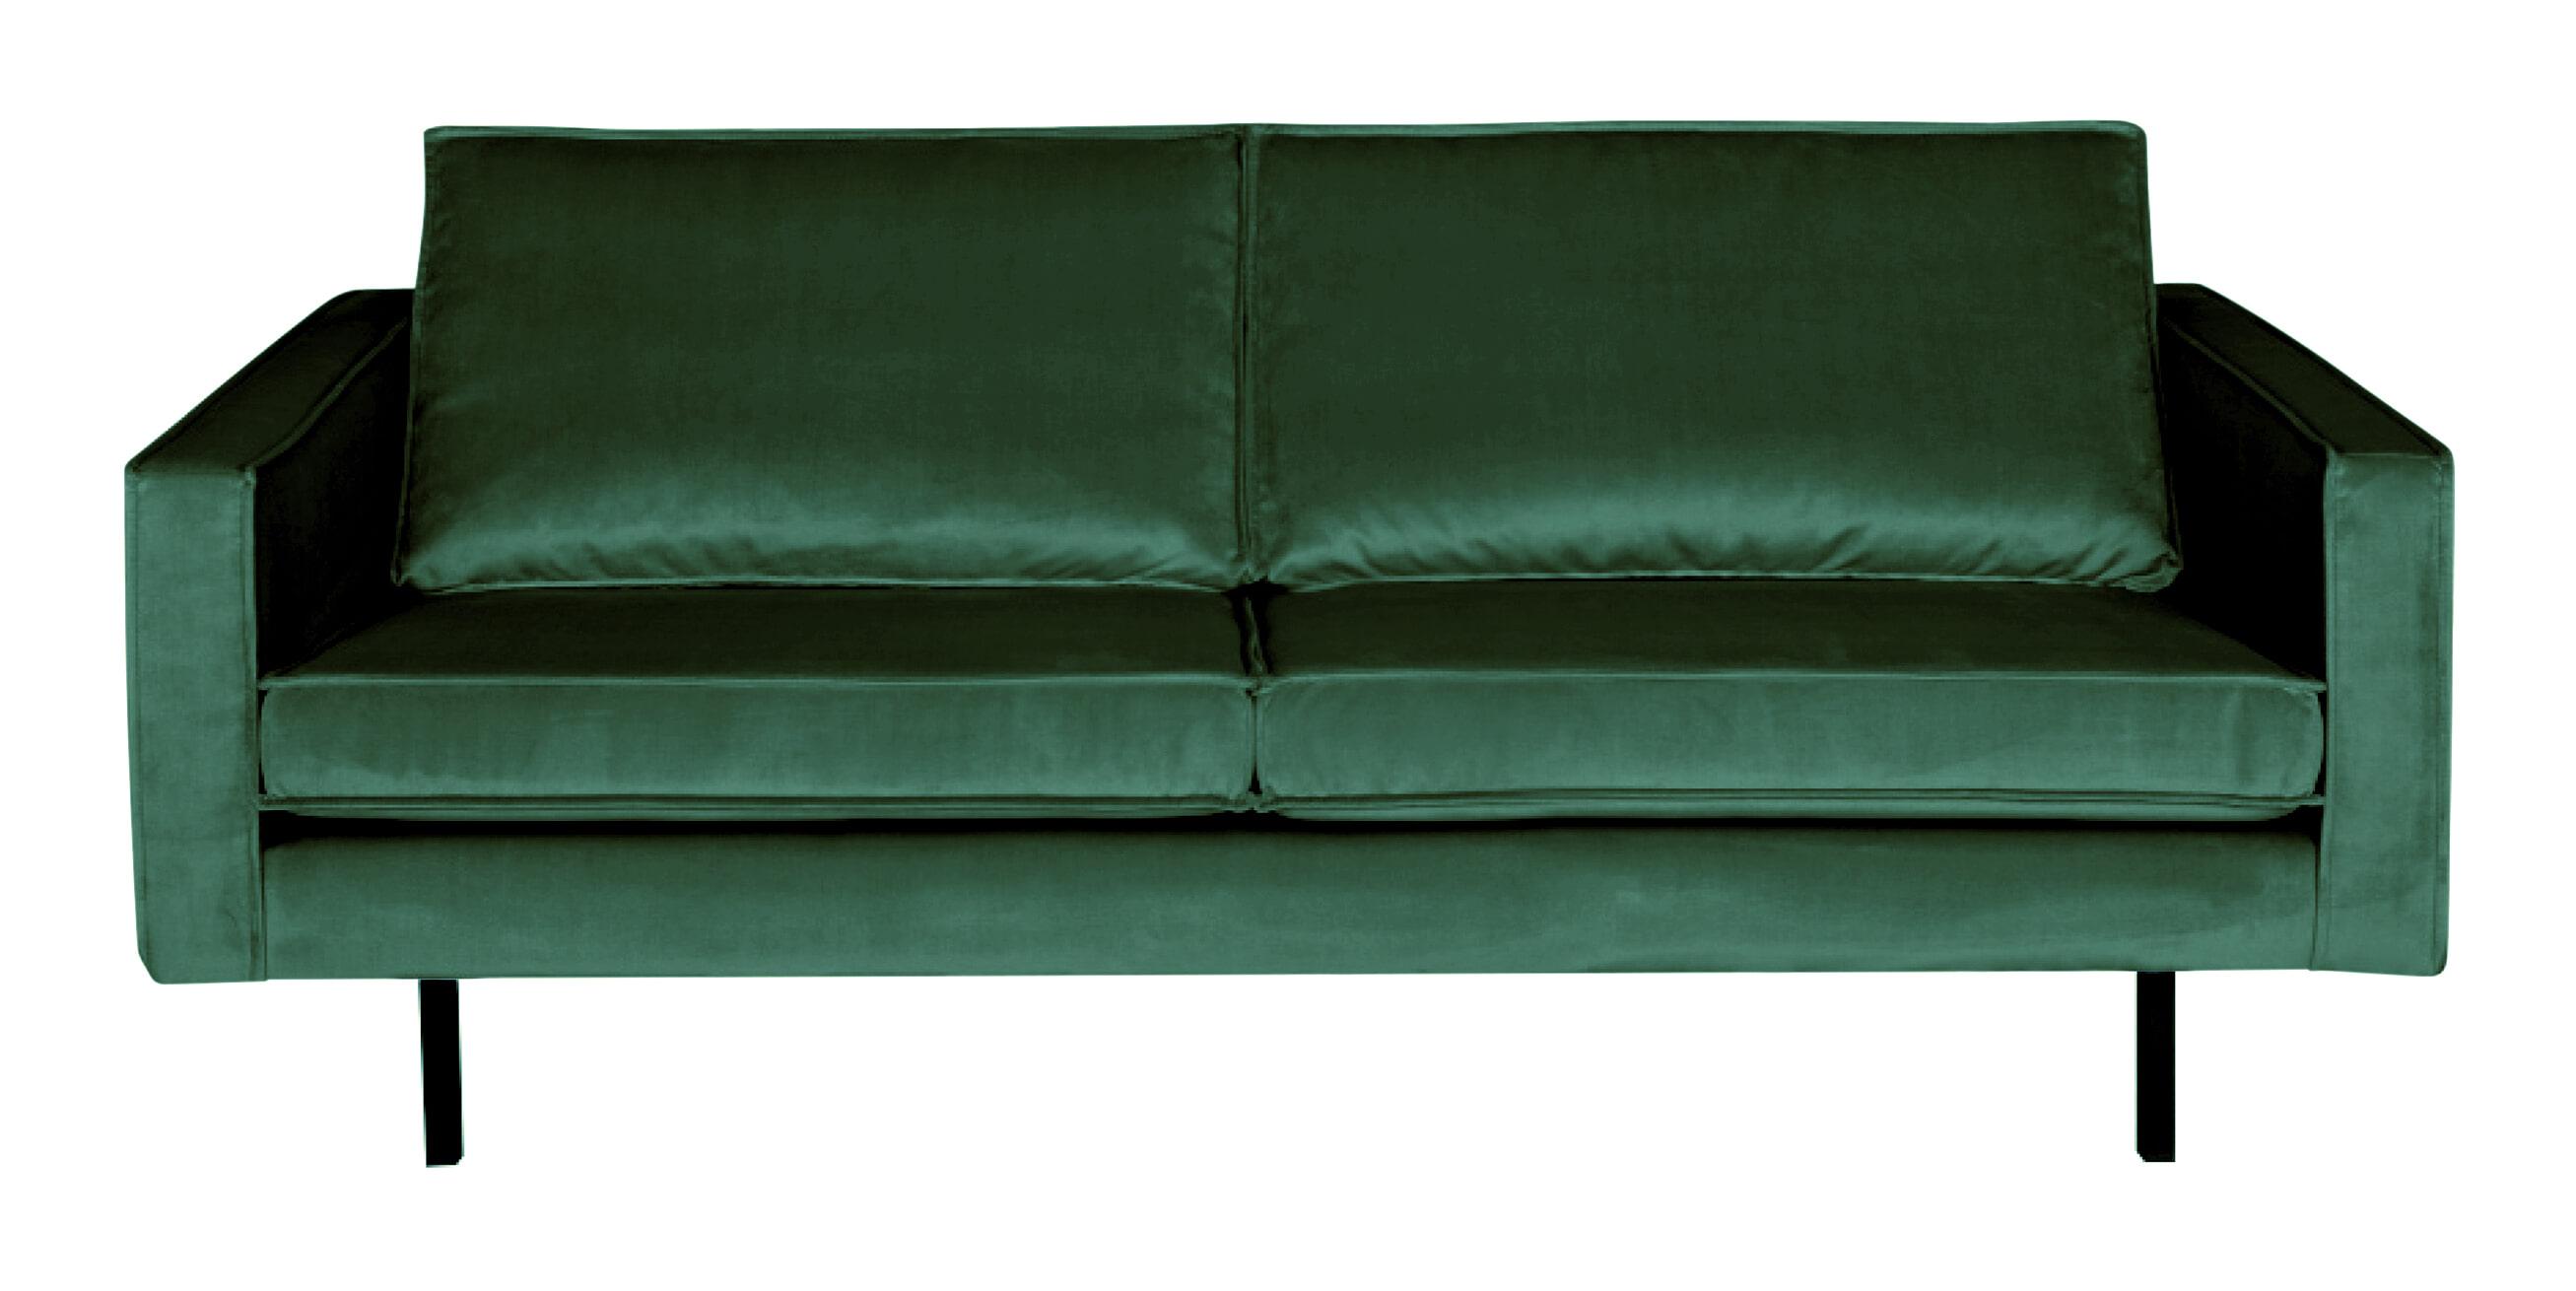 BePureHome Bank 2,5-zits 'Rodeo' Velvet, kleur Forest Green met voordeel snel in huis via Meubel Partner